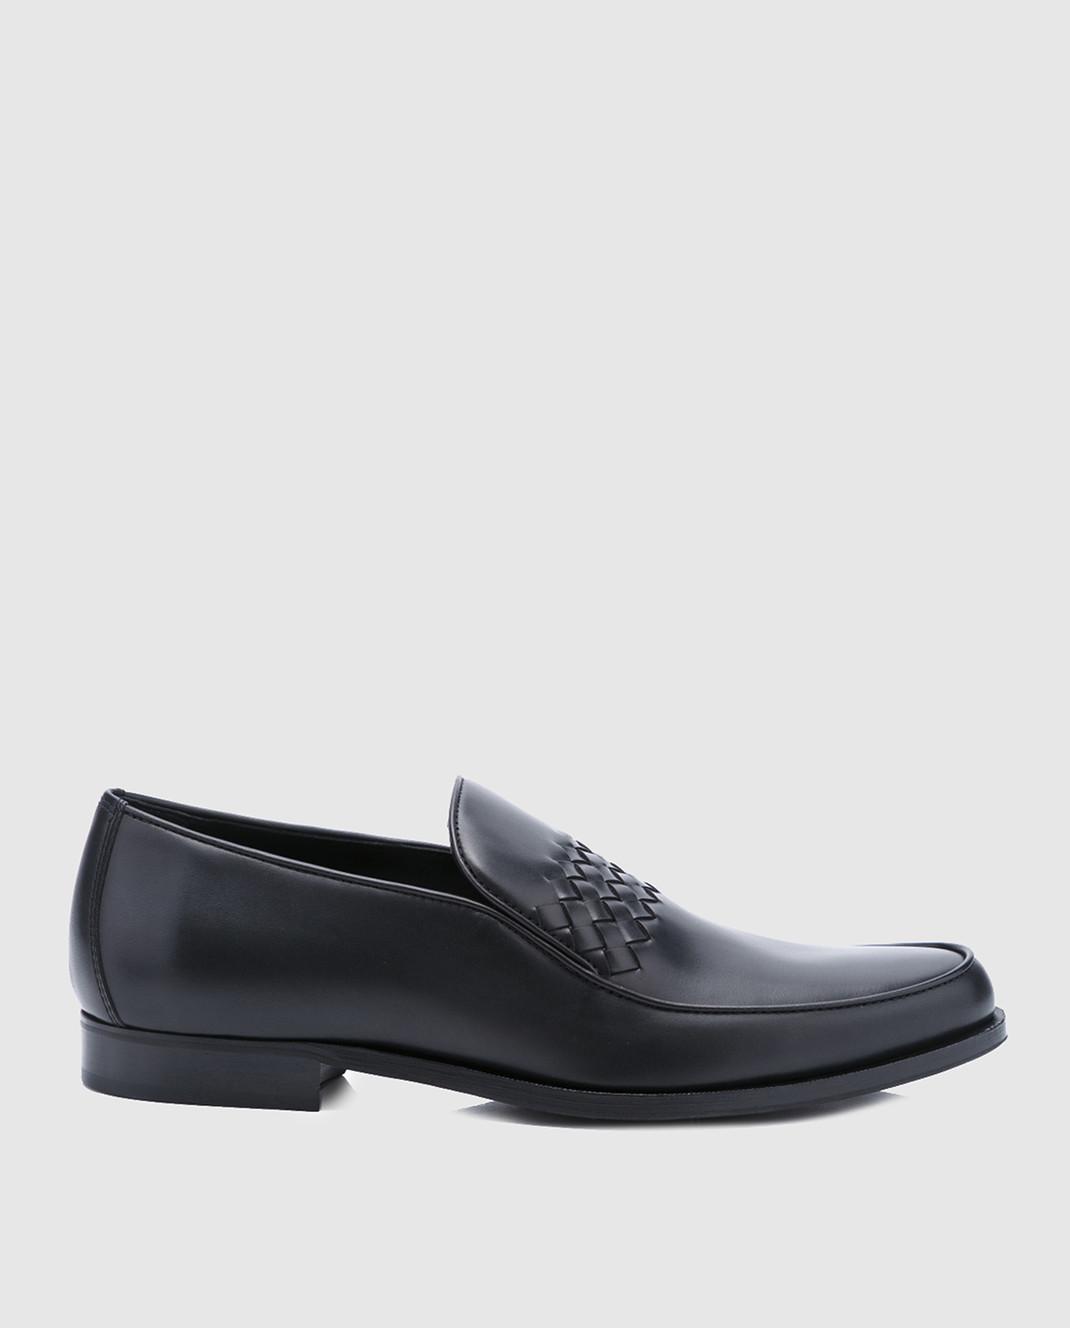 Bottega Veneta Черные кожаные лоферы 496894